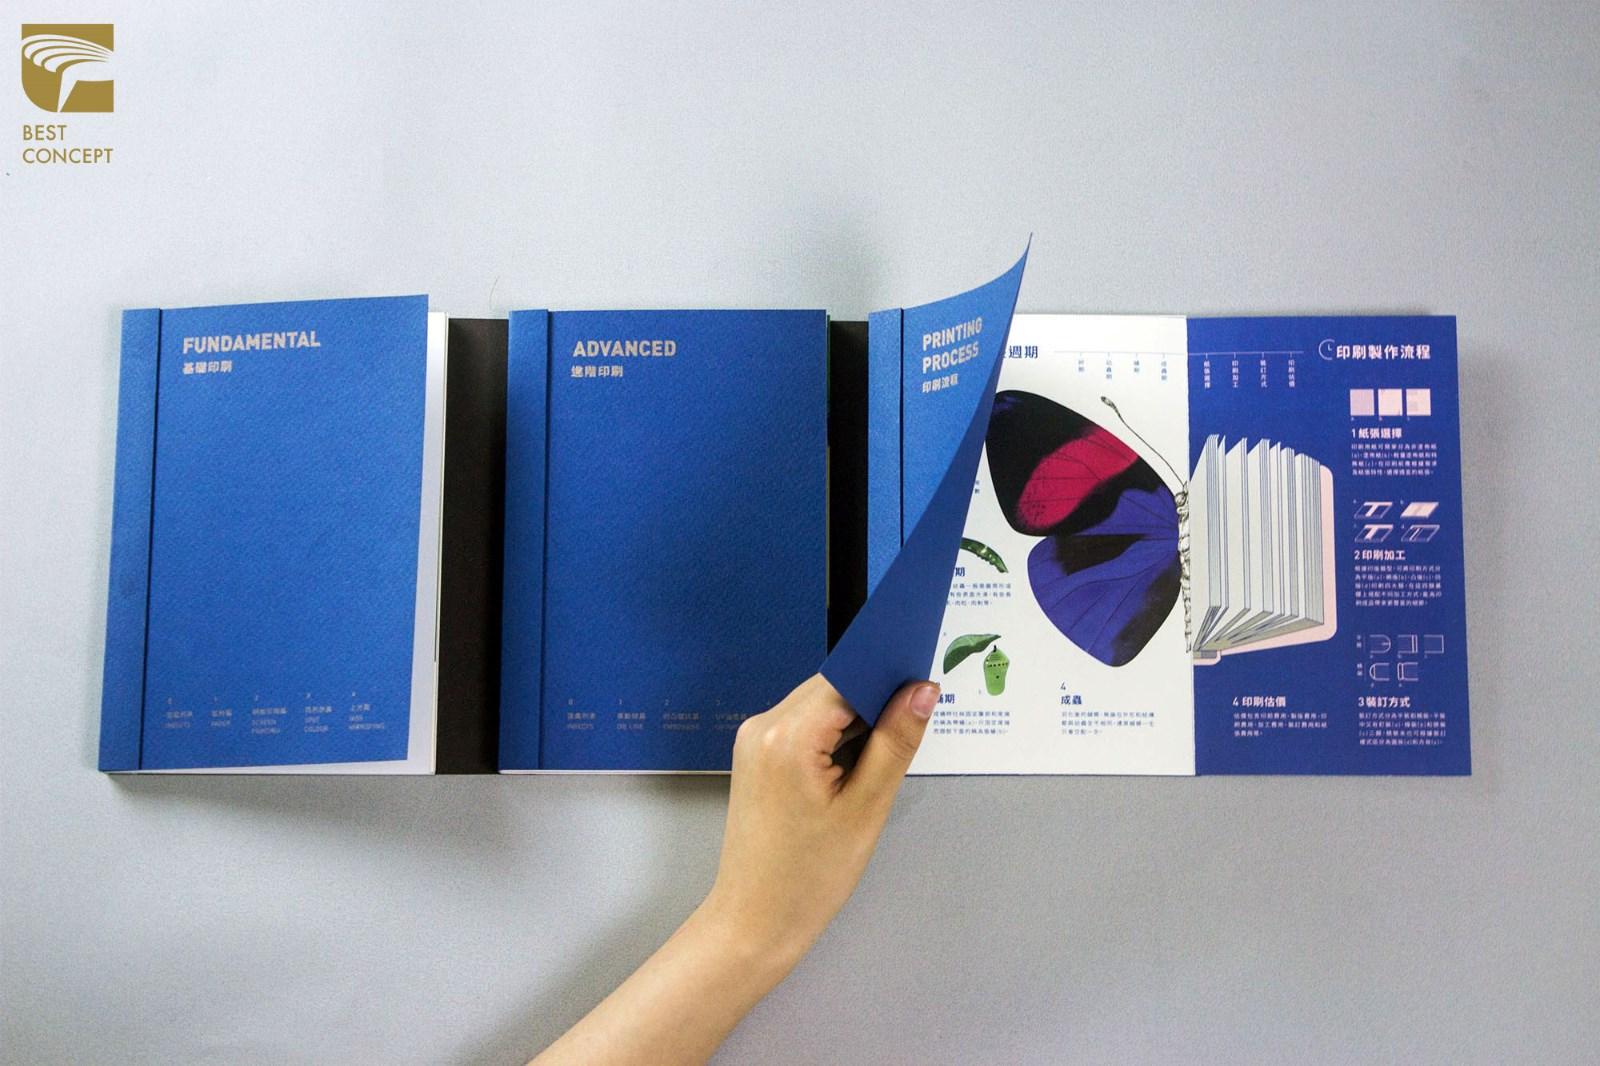 《昆蟲印刷指南》榮獲2018「金點概念設計獎」視覺傳達設計類-年度最佳設計獎.jpg